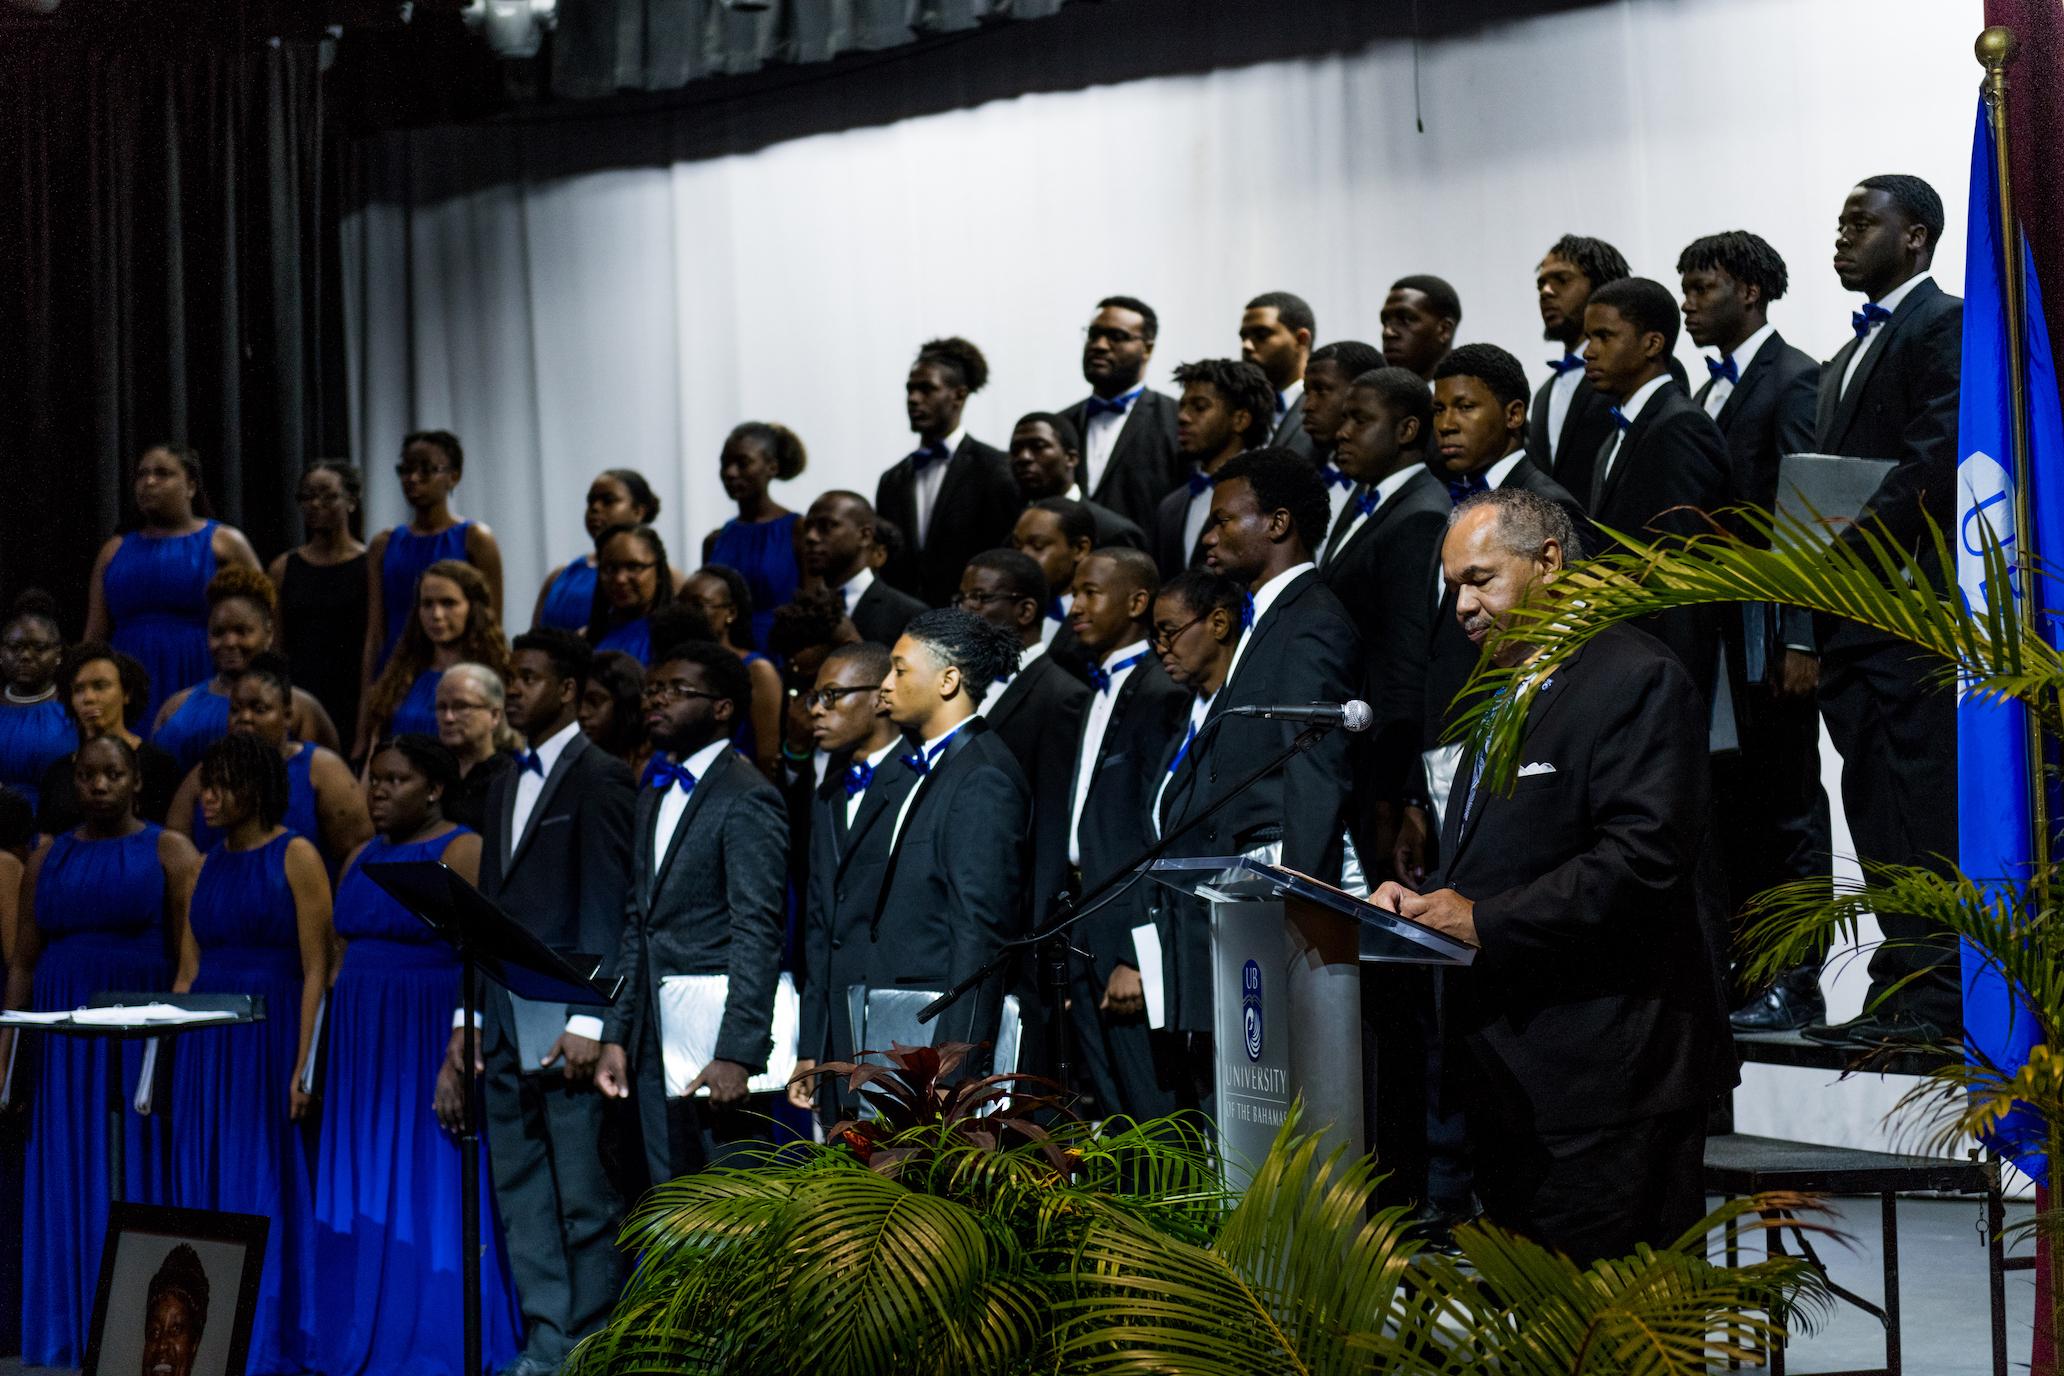 Memorial concert, arts endowment honours Audrey Dean-Wright